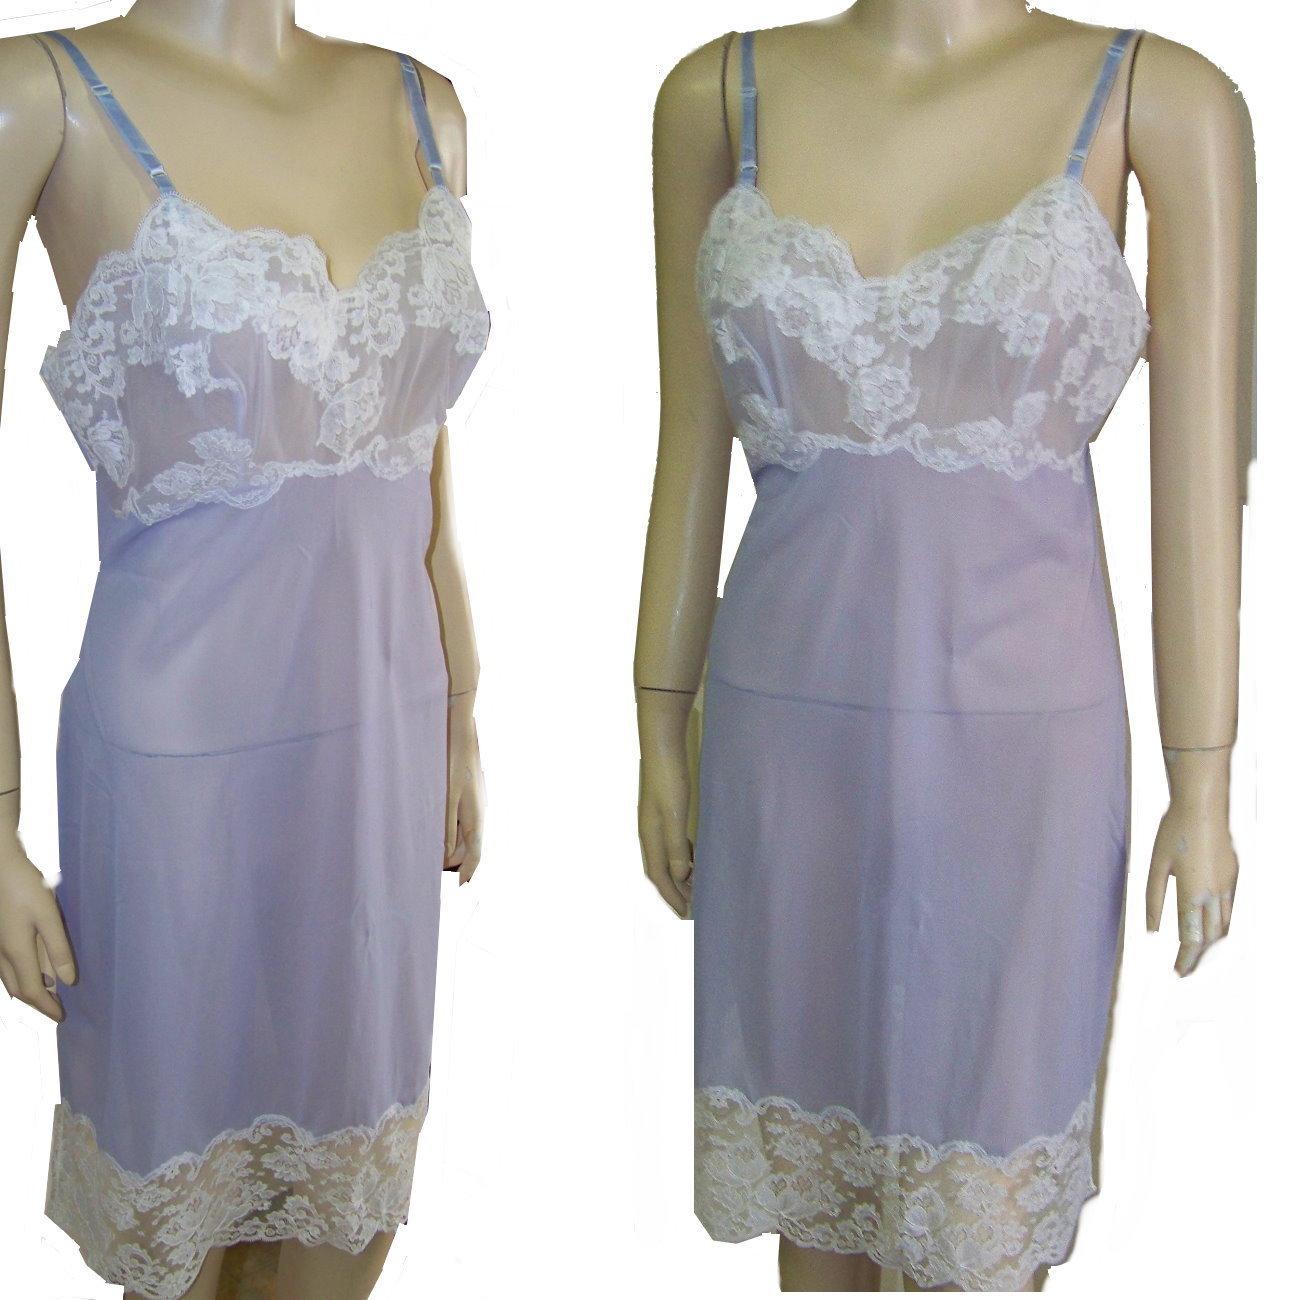 Lavenderslipgal416